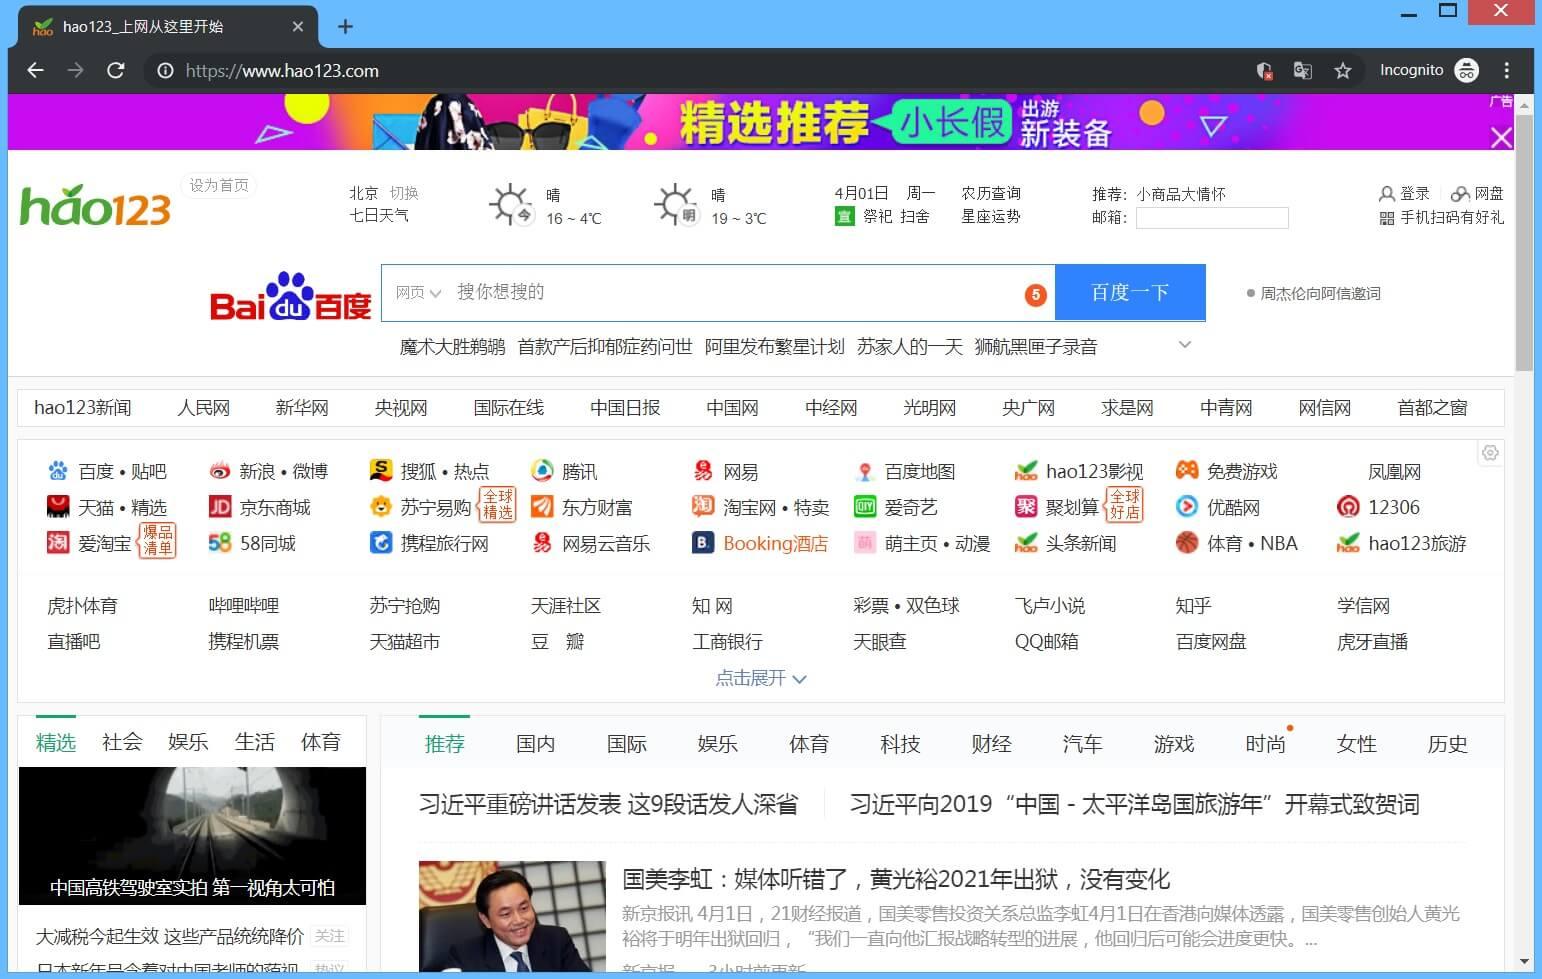 hao123.com browser hijacker